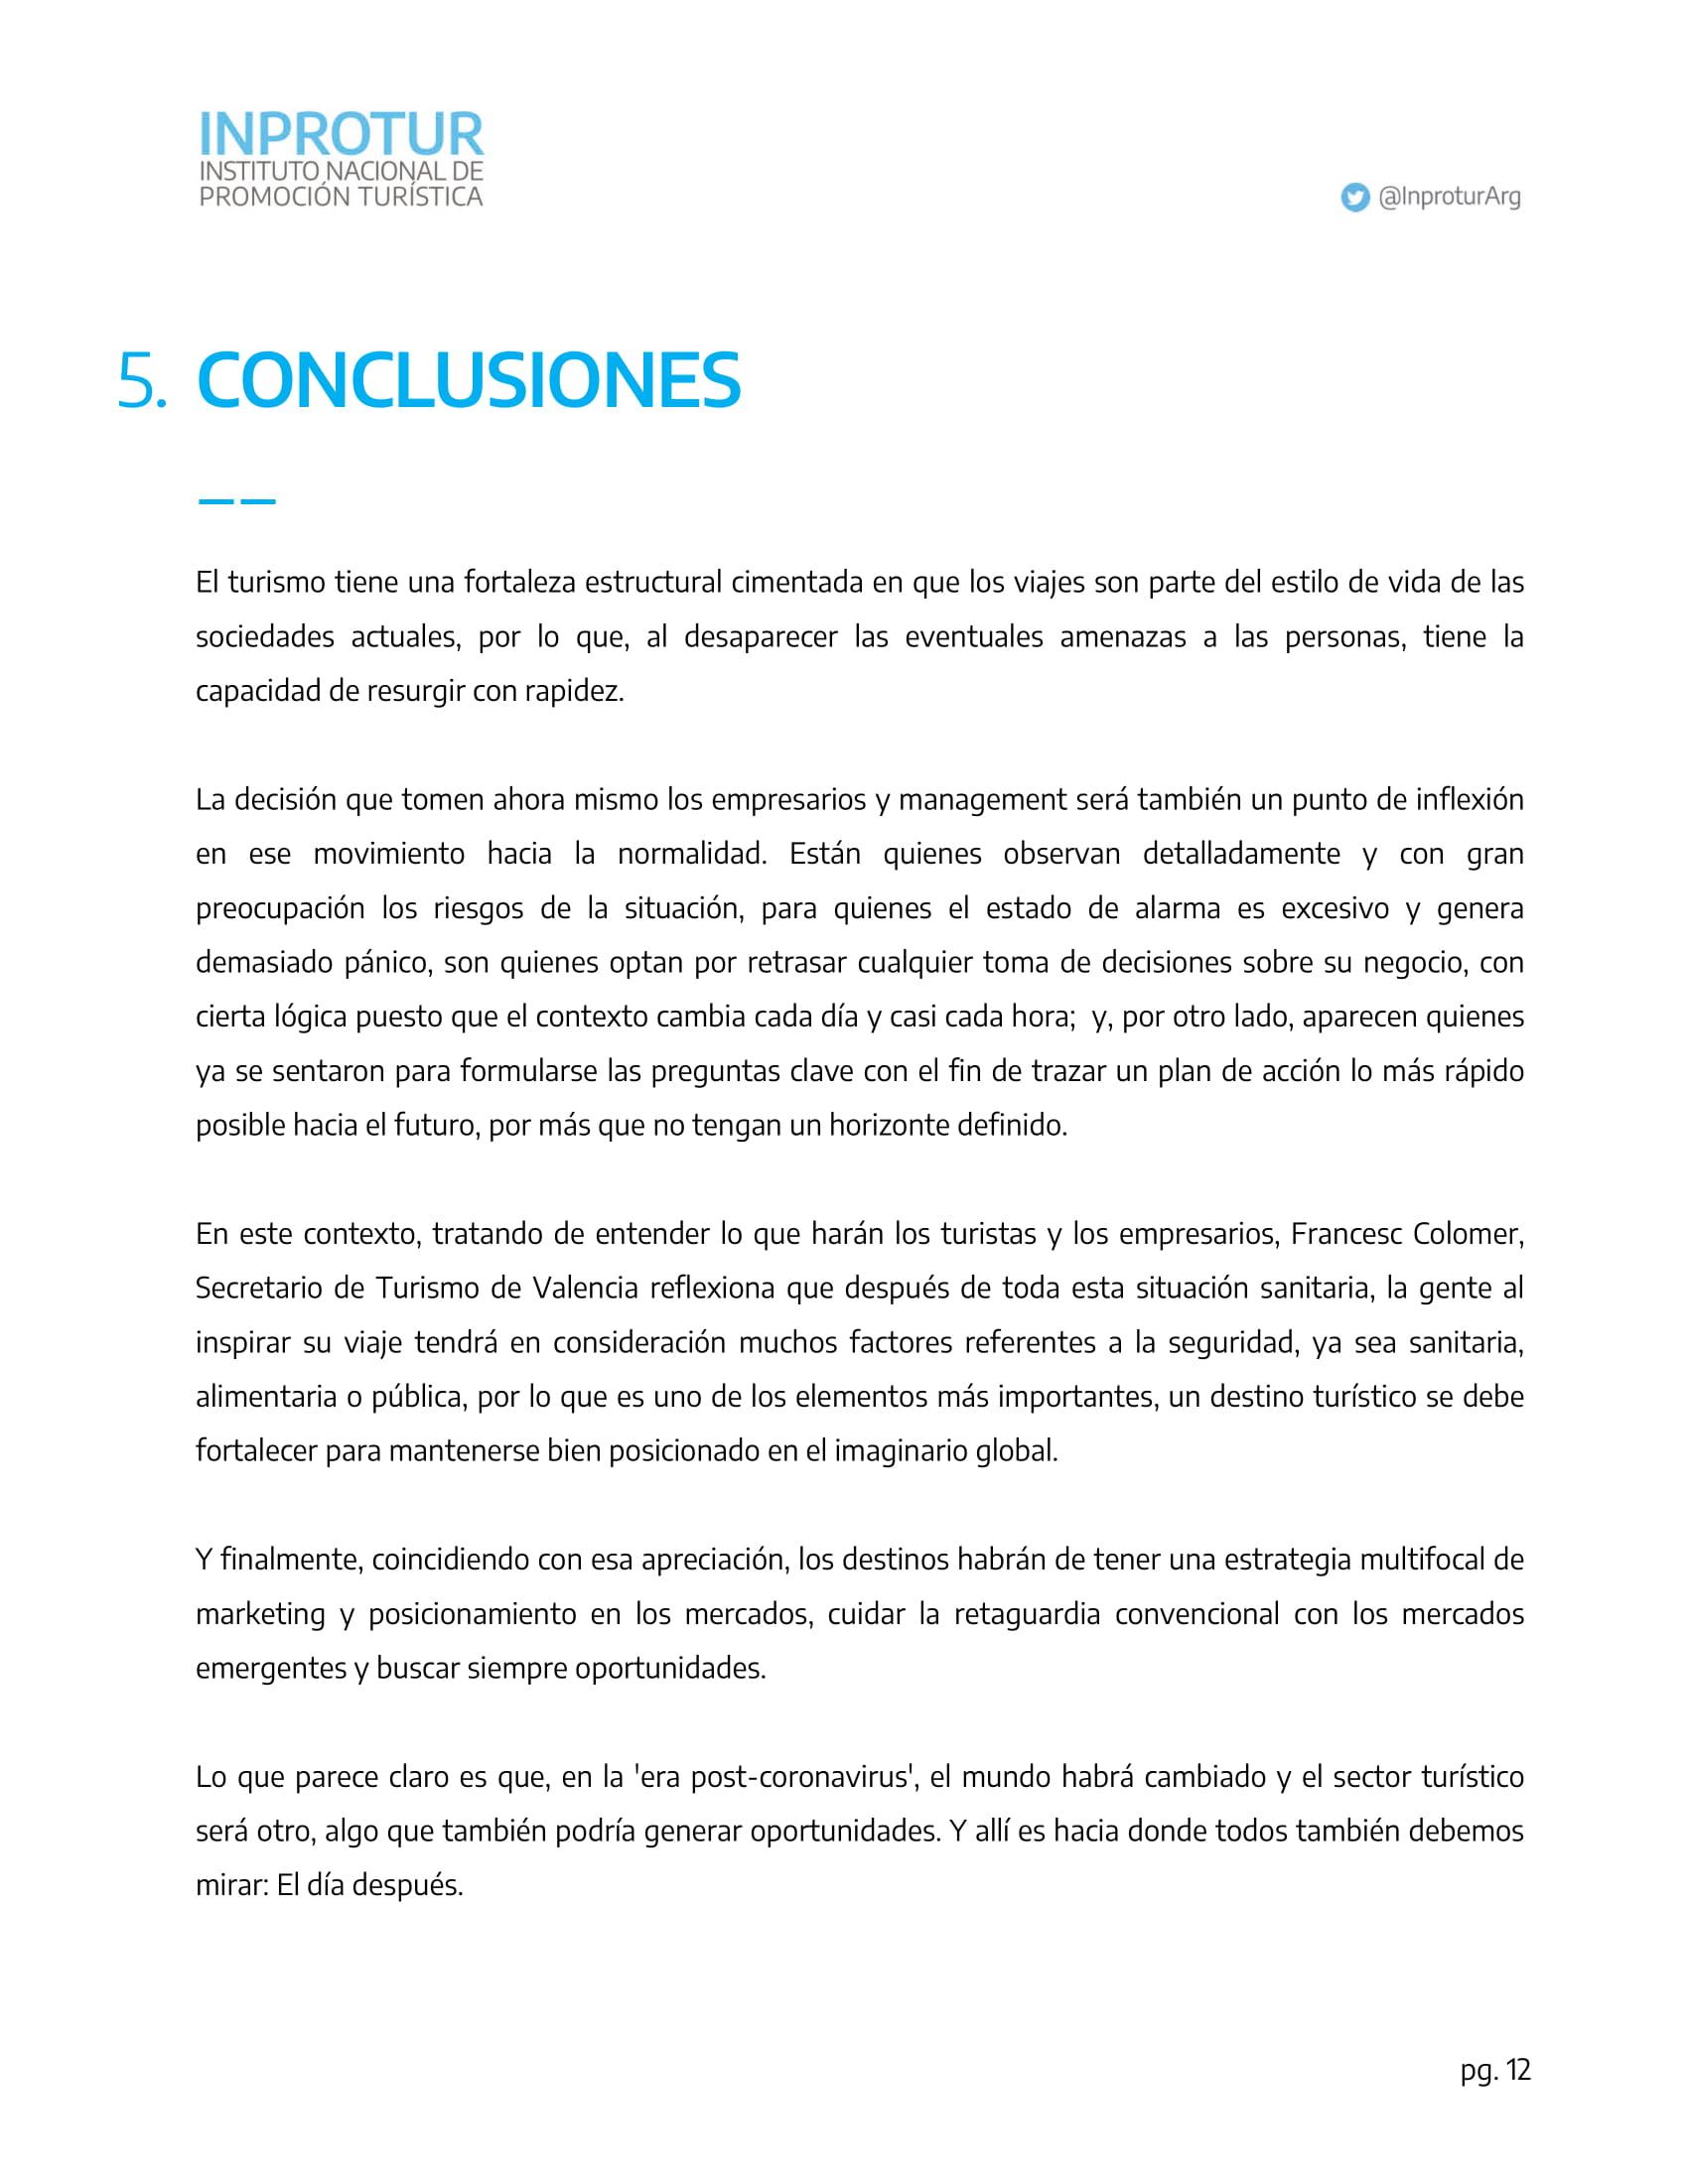 Informe-de-coyuntura-Turismo-y-Coronavirus-2020-12